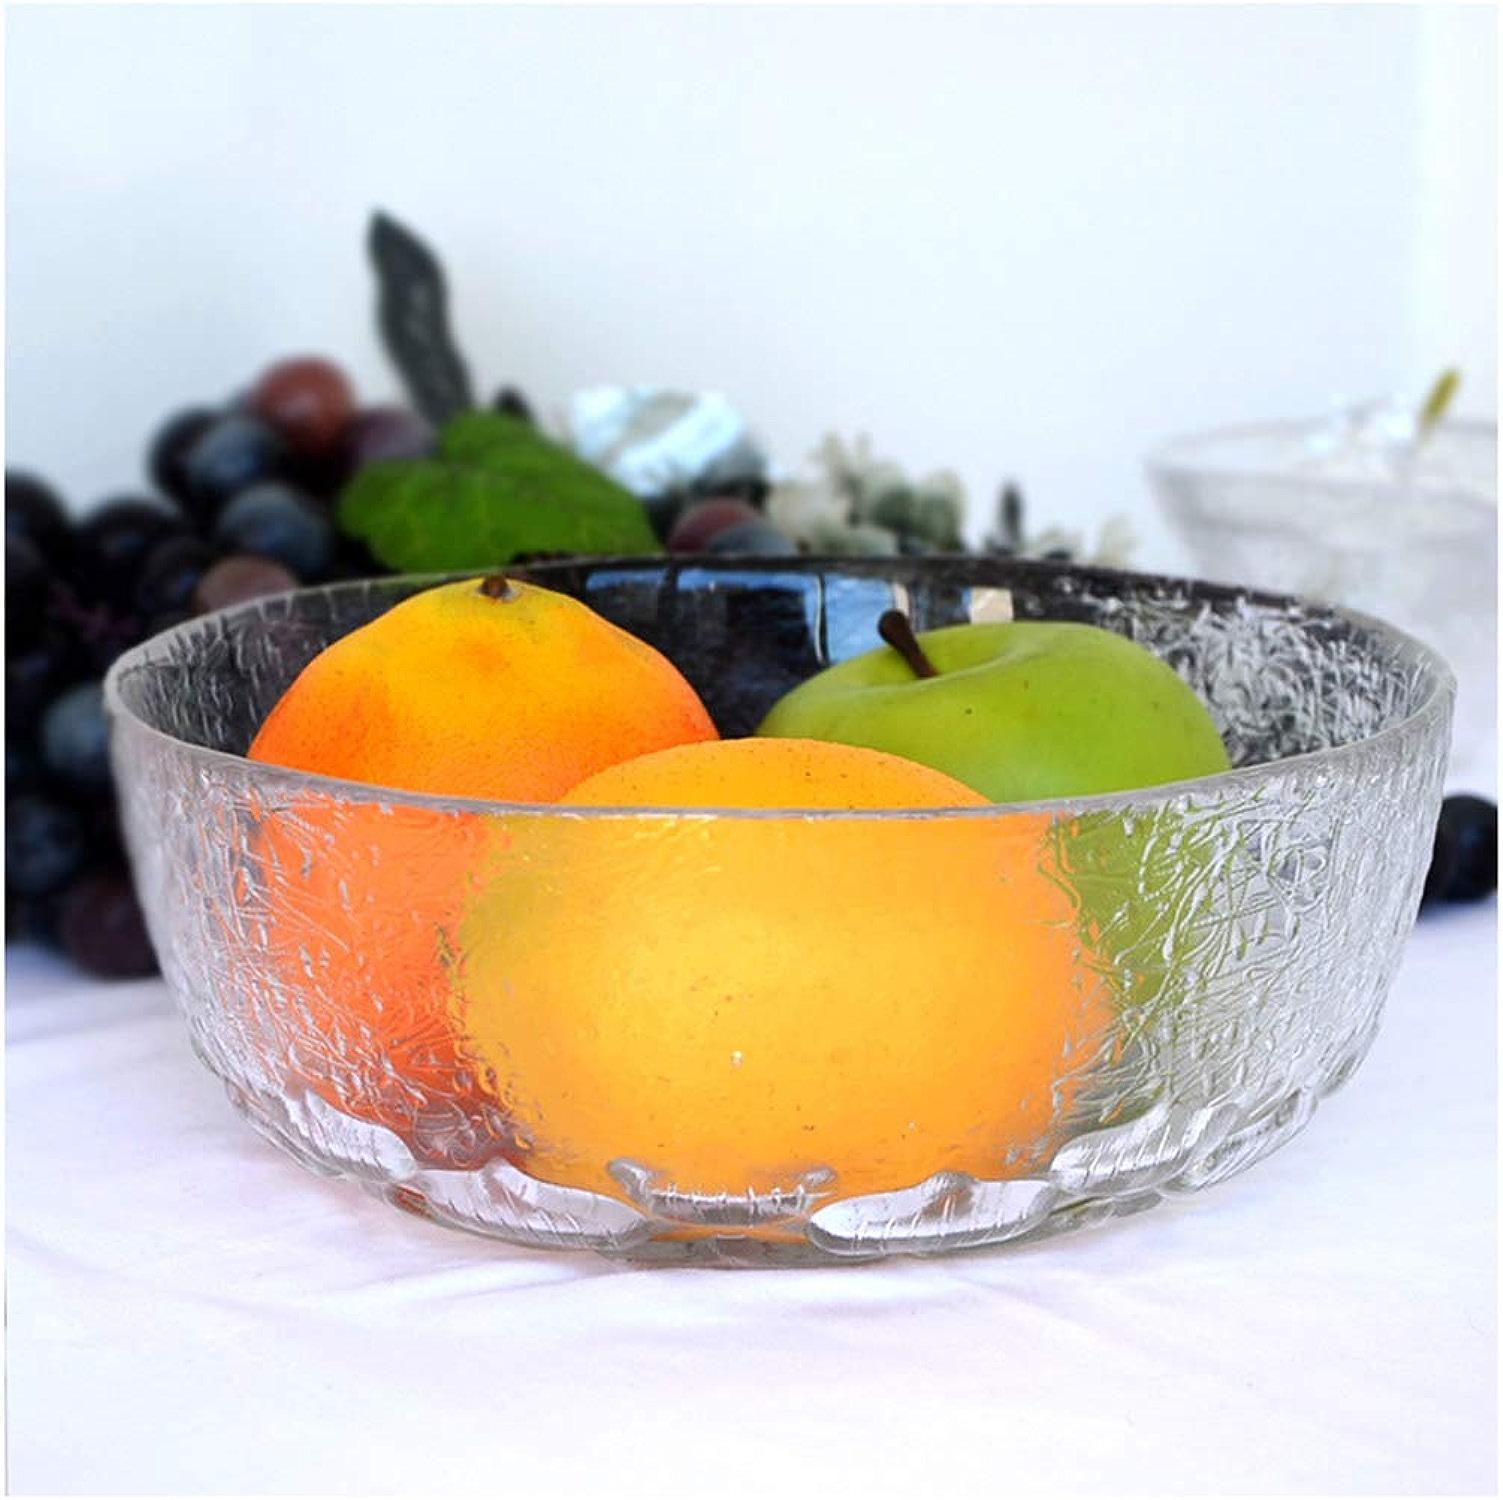 Panier à fruits Bols à fruits Ménage Porte-fruits Assiette de fruits en verre Entreposage des fruits Bac à fruits de grande taille Casiers à fruits -0